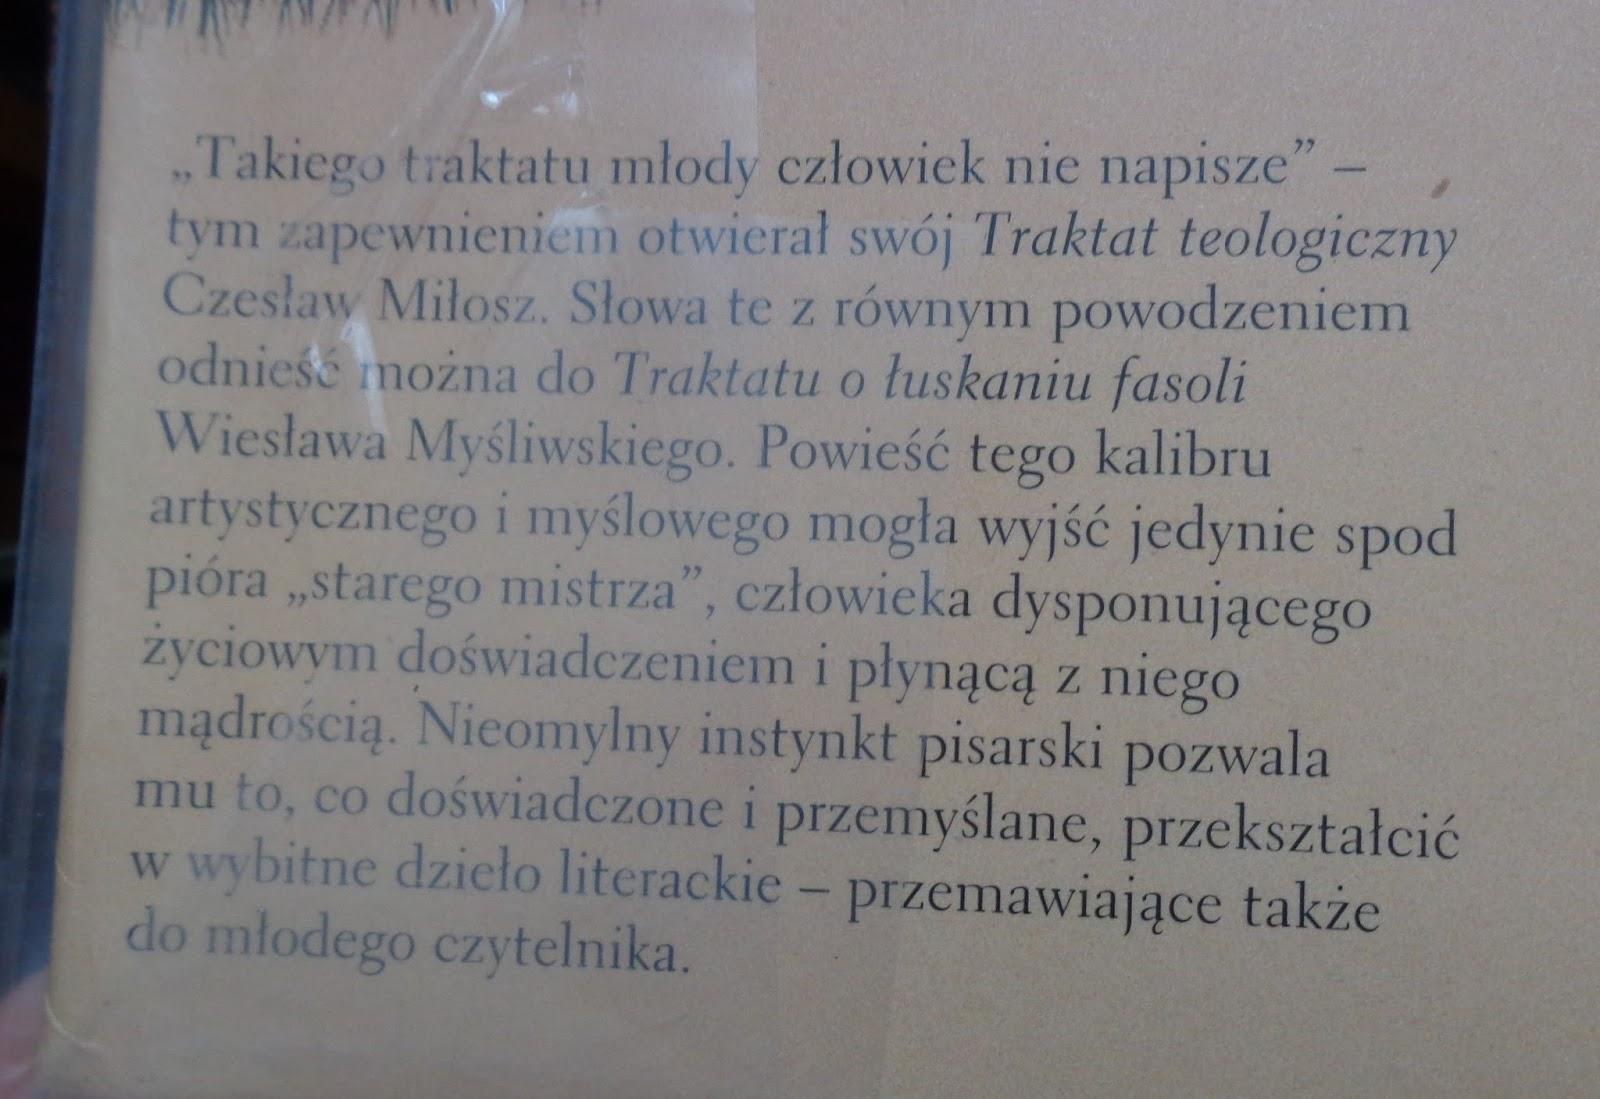 traktat o łuskaniu fasoli cytaty Książkowo: TRAKTAT O ŁUSKANIU FASOLI | Wszystkie moje bziki traktat o łuskaniu fasoli cytaty